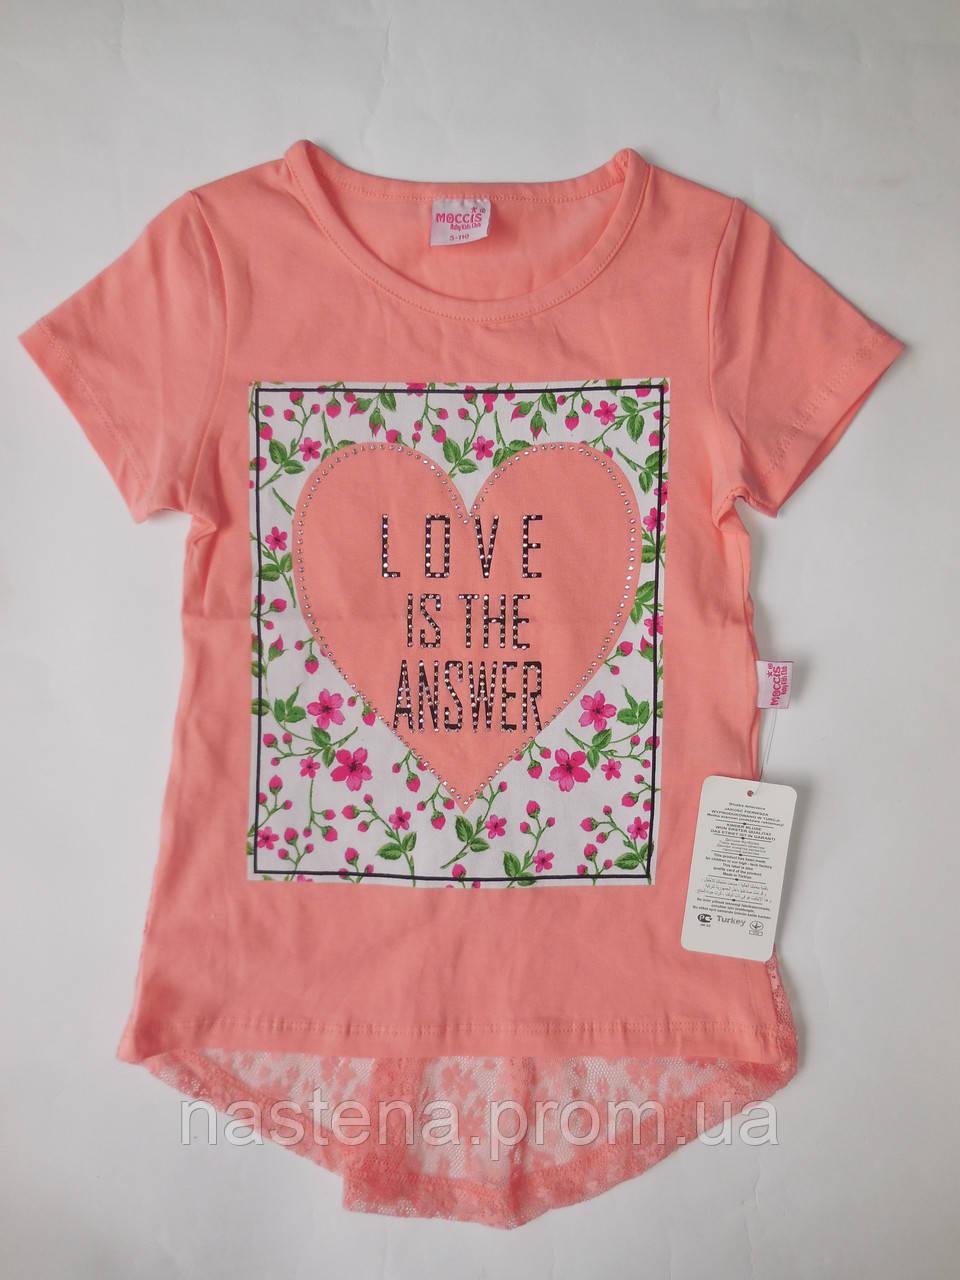 Детская красивая футболка для девочек MOCCIS от 5 до 8 лет.